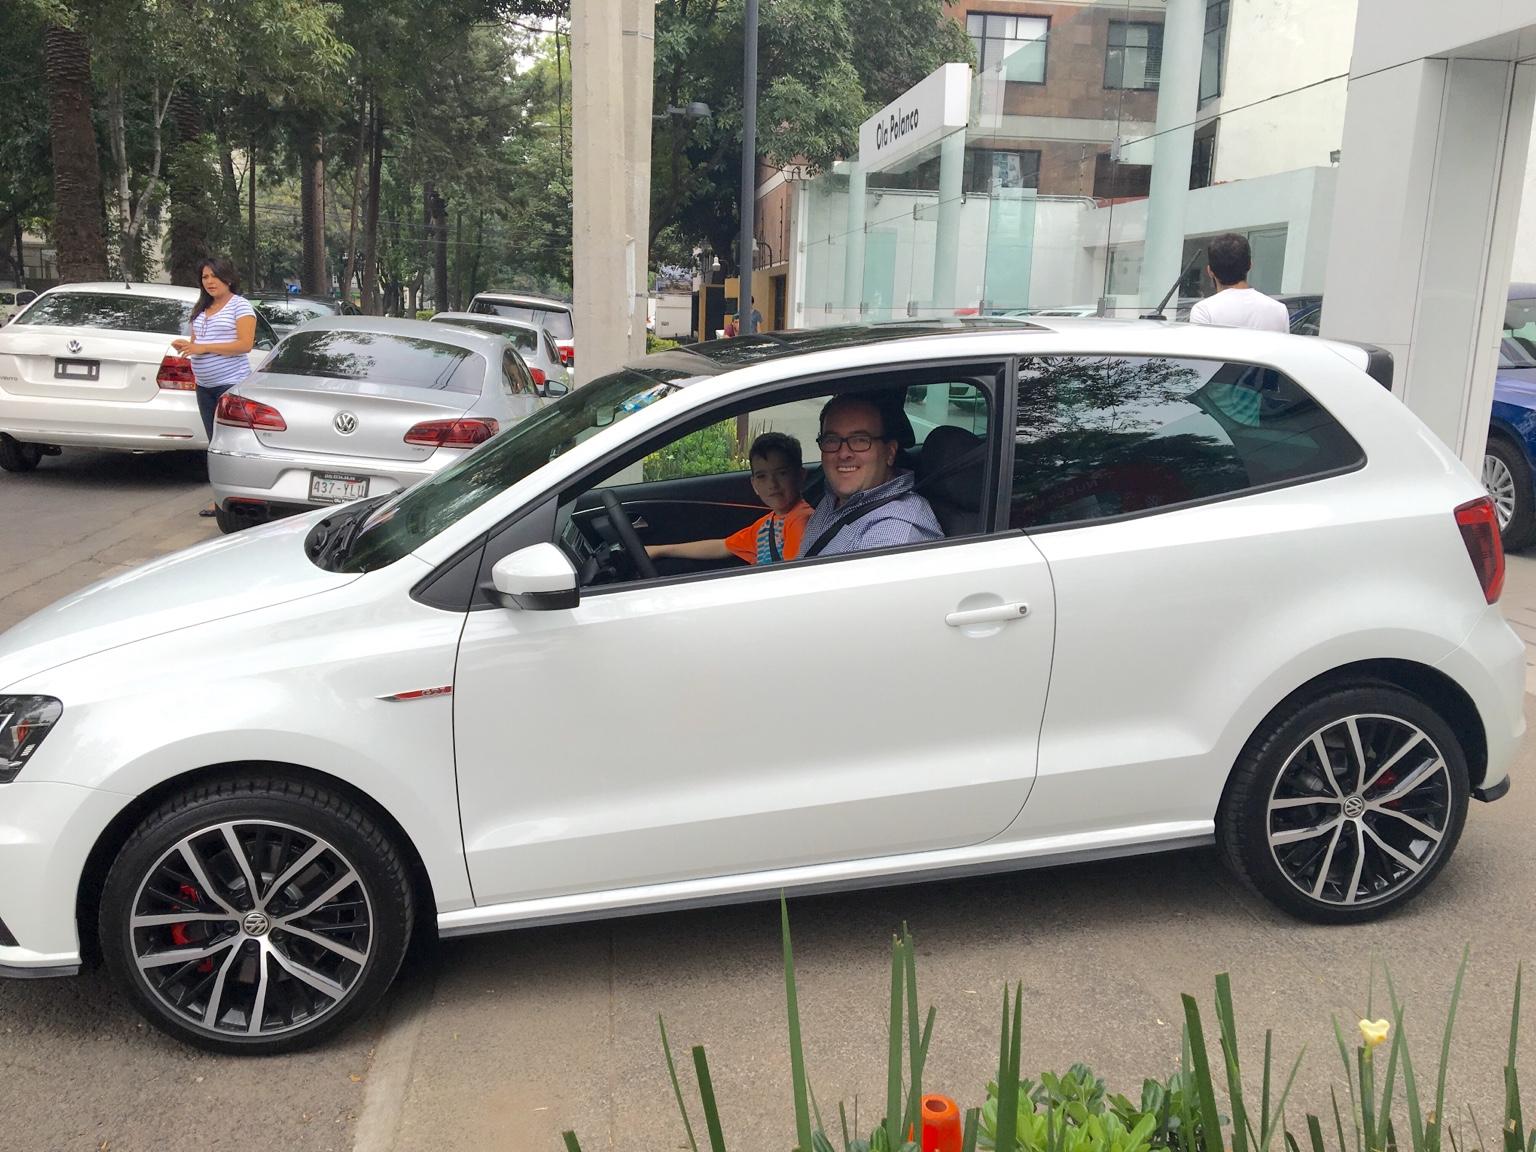 2017 Polo GTI México City - UK-POLOS NET - THE VW Polo Forum